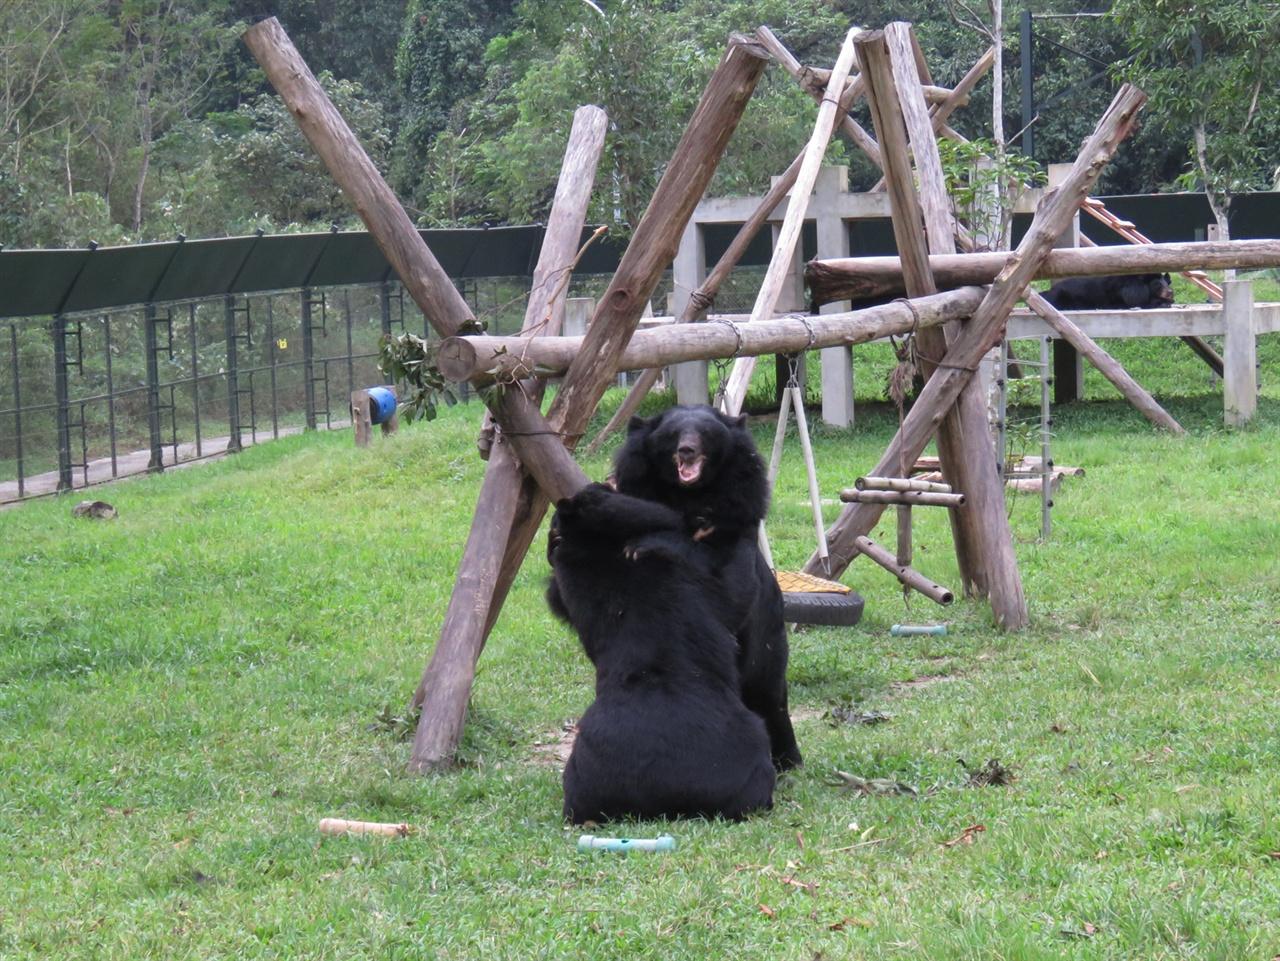 합사 훈련을 마친 곰들은 서로에게 적절한 자극이 될 수 있다.